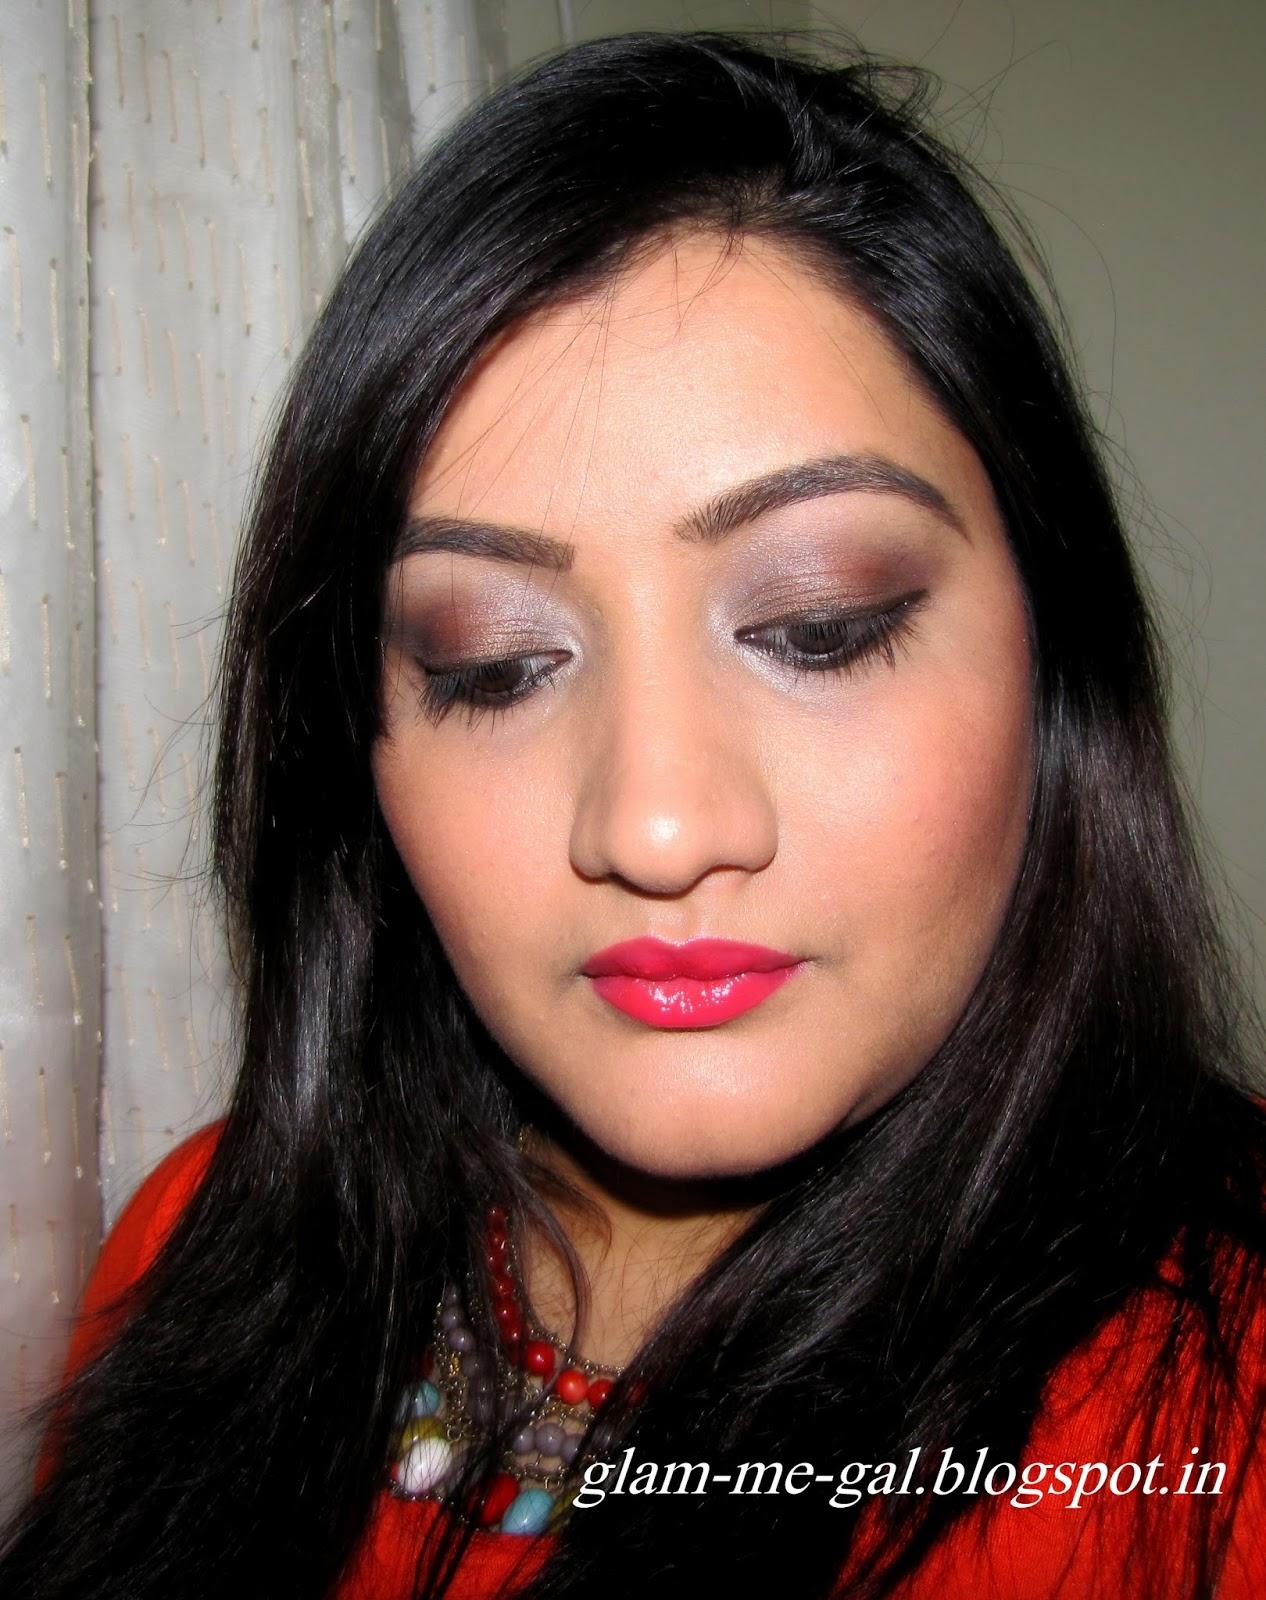 Makeup Post Youtube: QUICK MAKEUP TUTORIAL POST FOTD